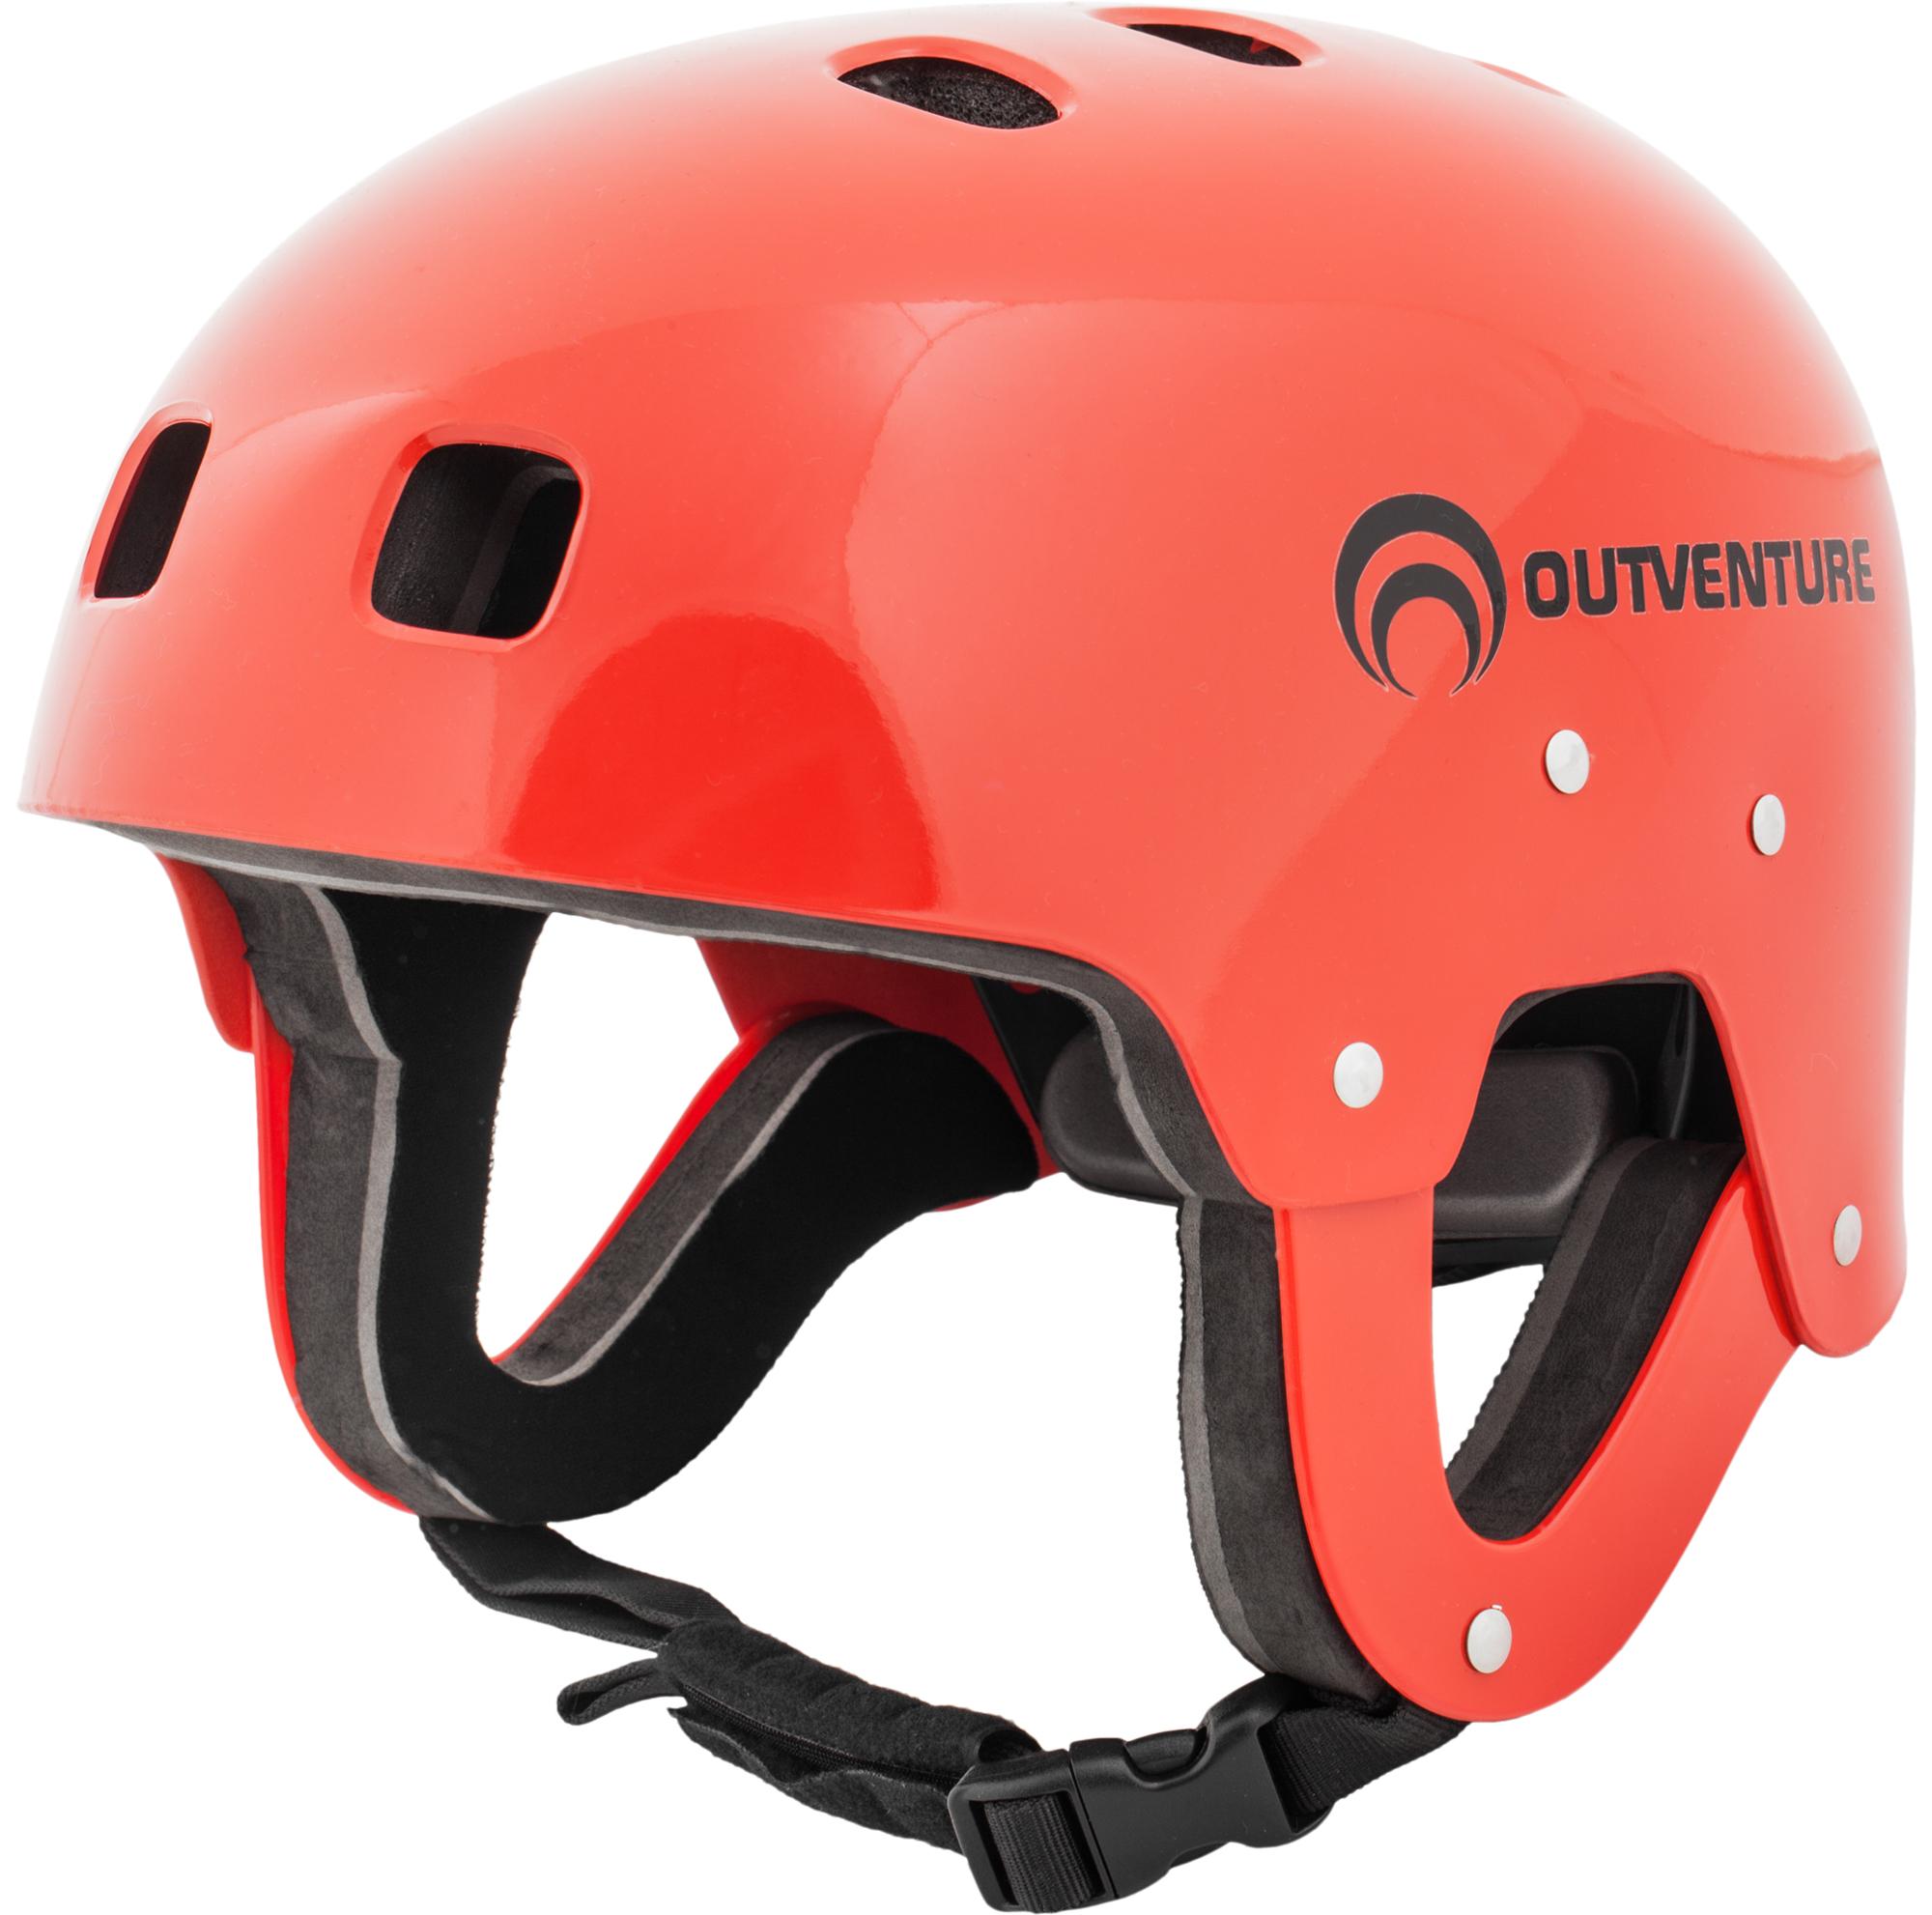 Outventure Шлем сплавной Outventure